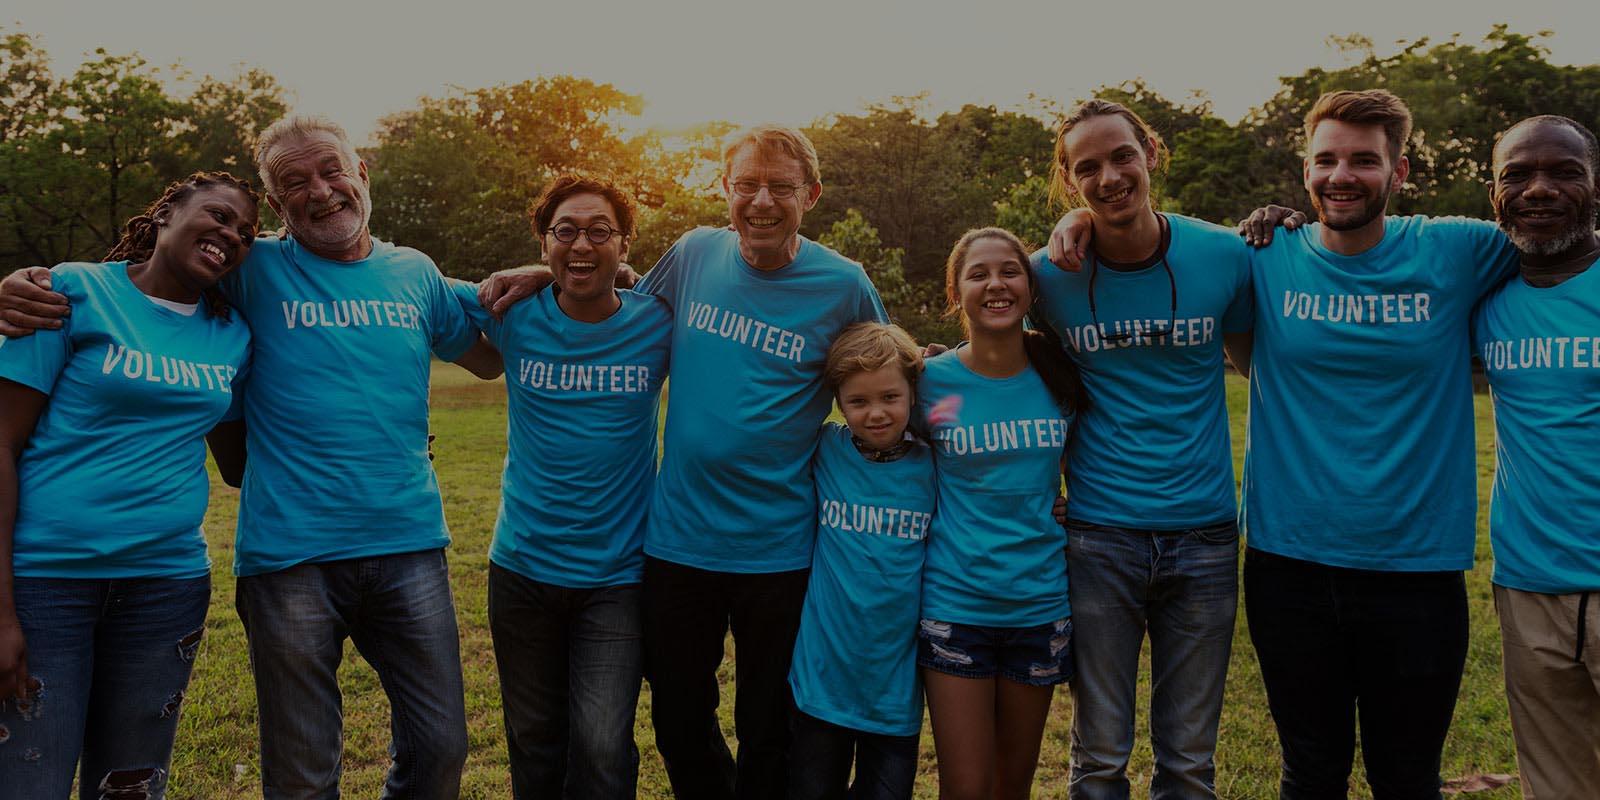 Promotional Apparel - Volunteers